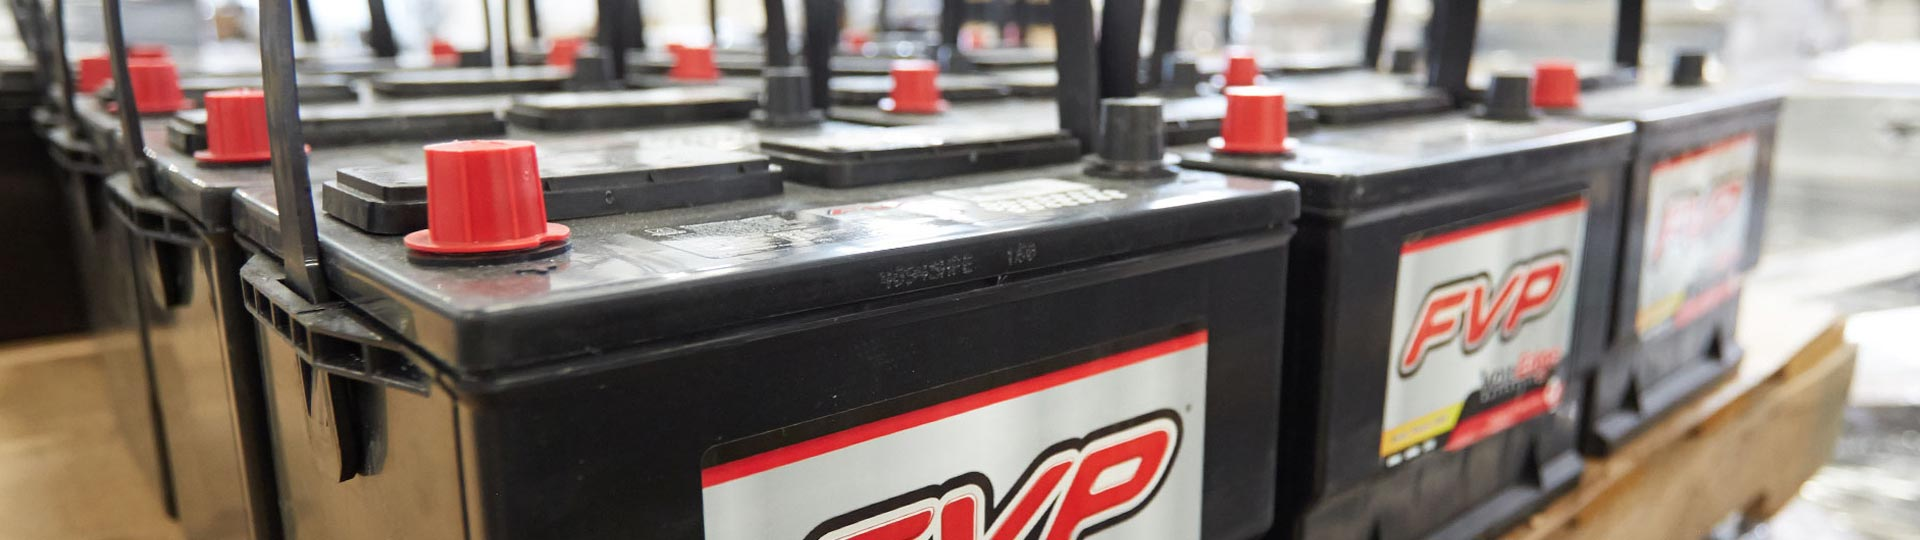 fvp-battery